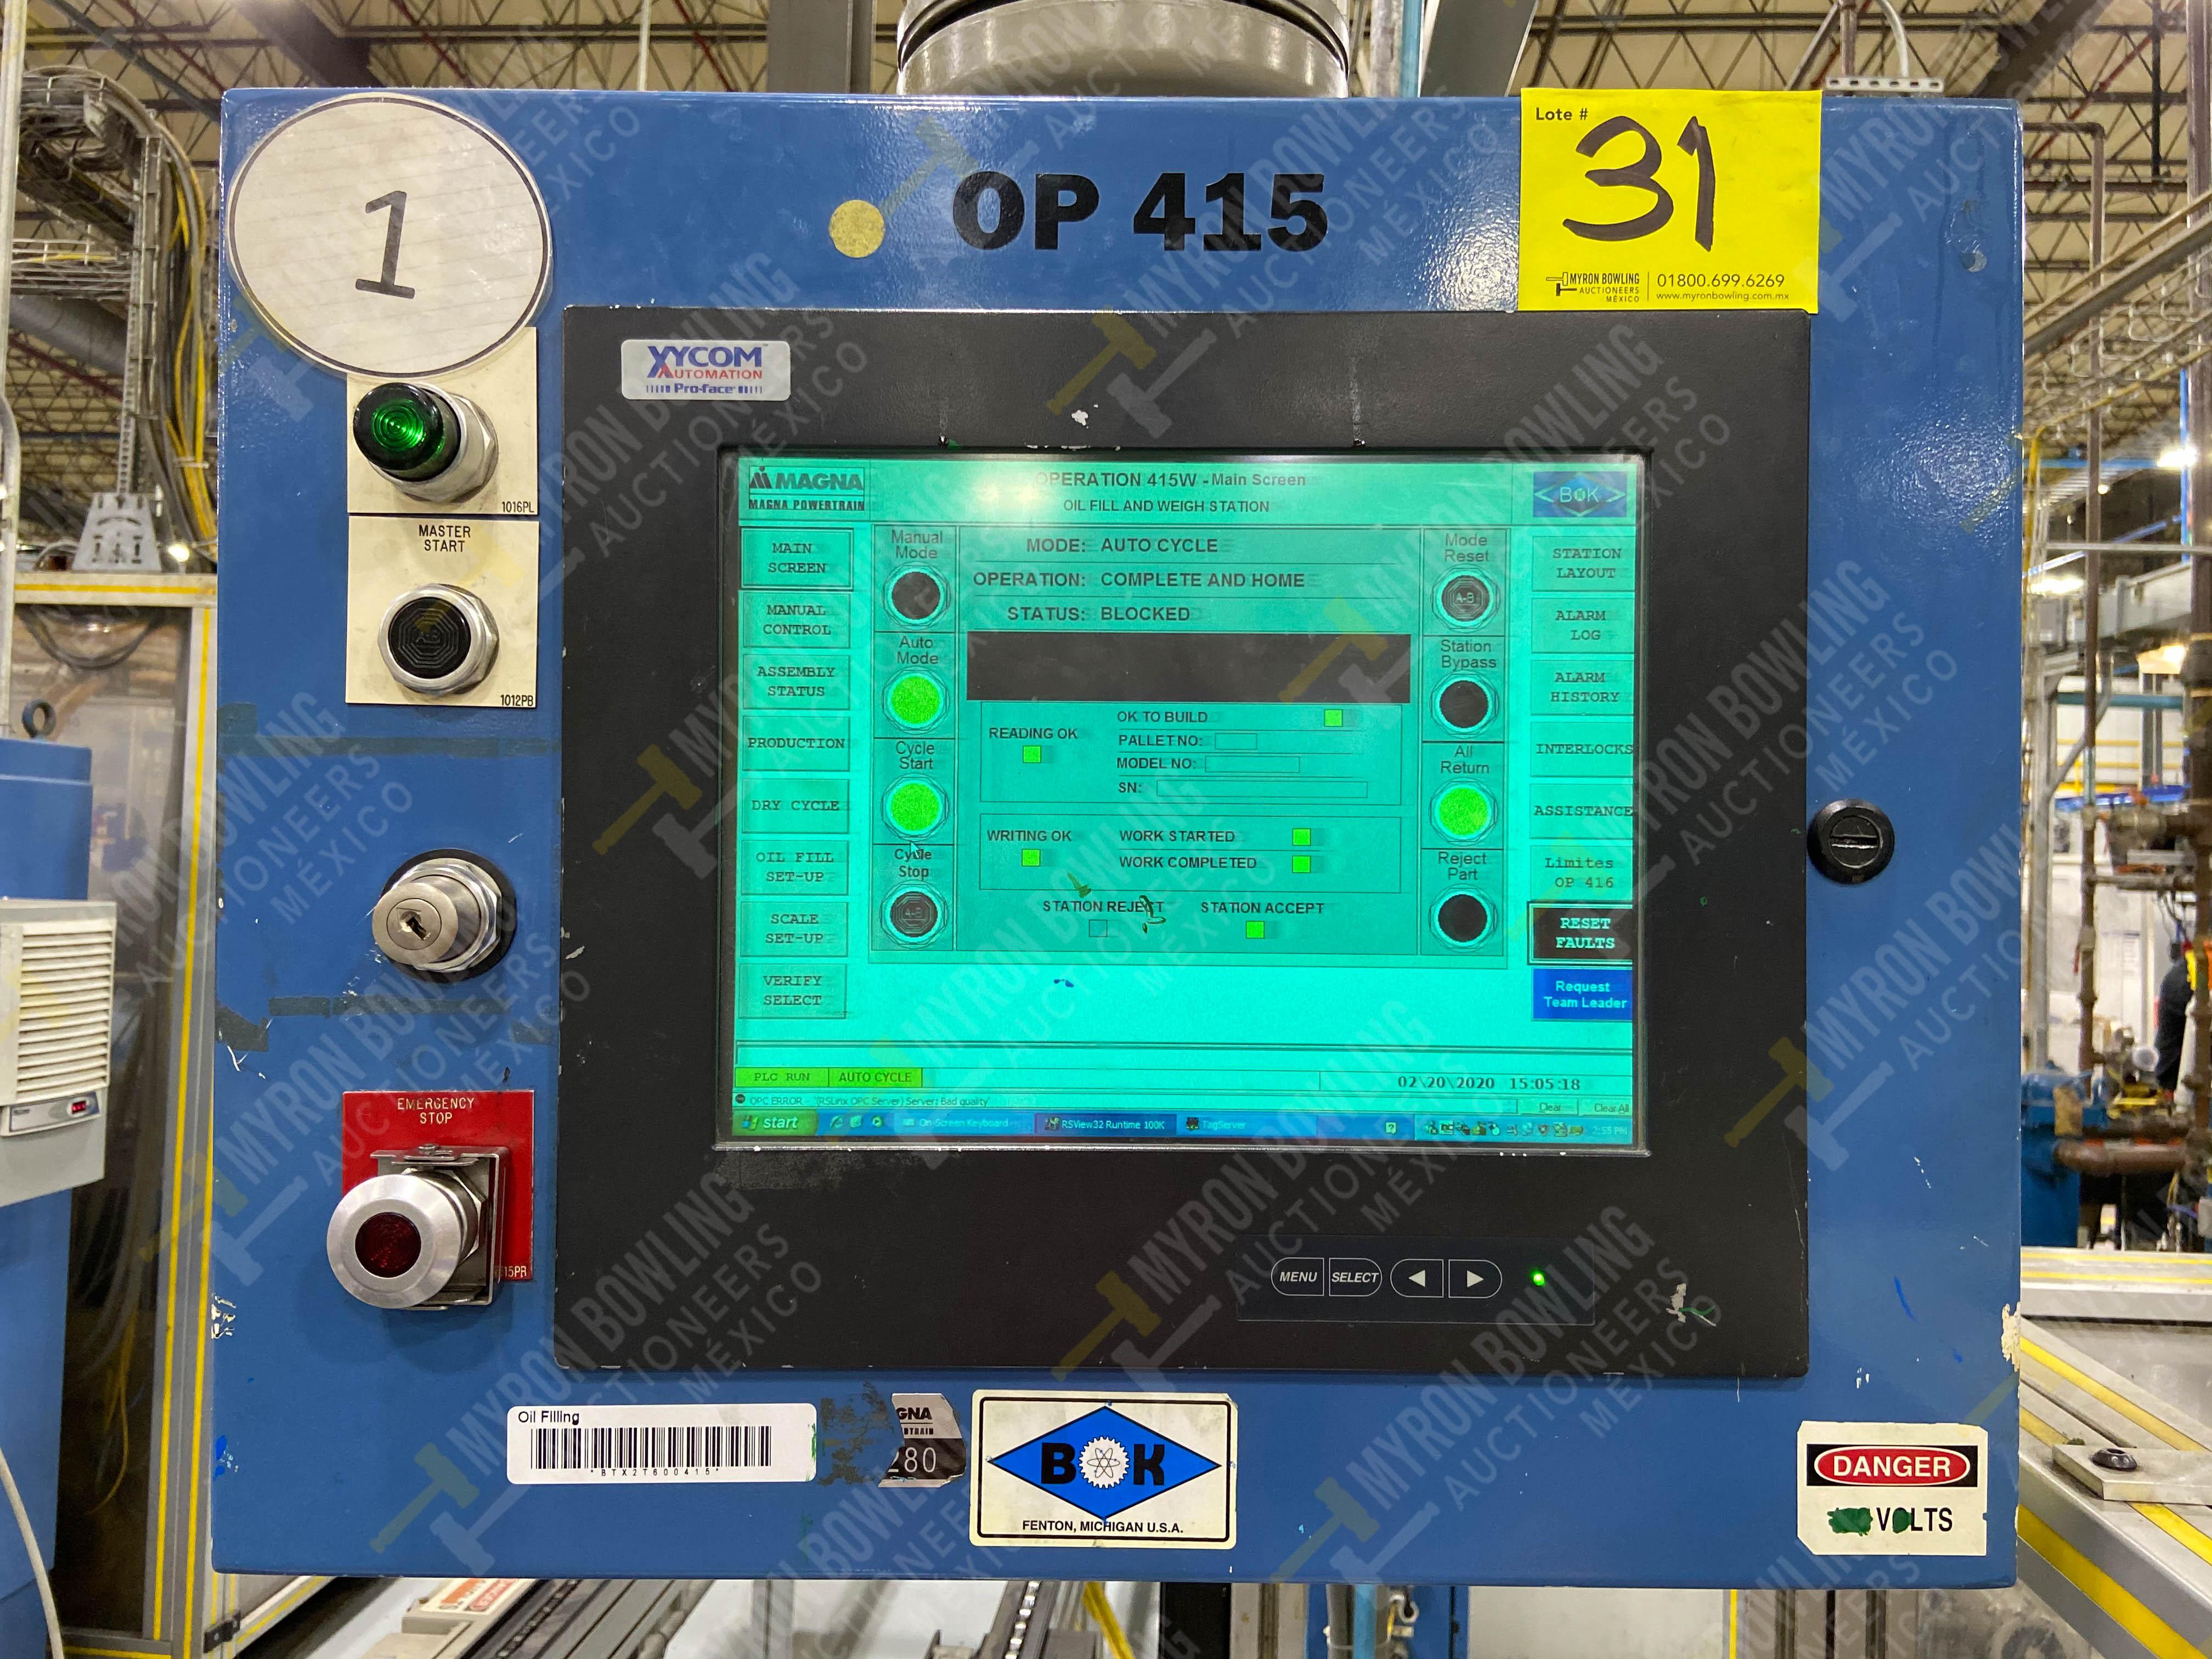 Estación semiautomática para operación 416, contiene: Sistema de llenado de aceite - Image 19 of 20